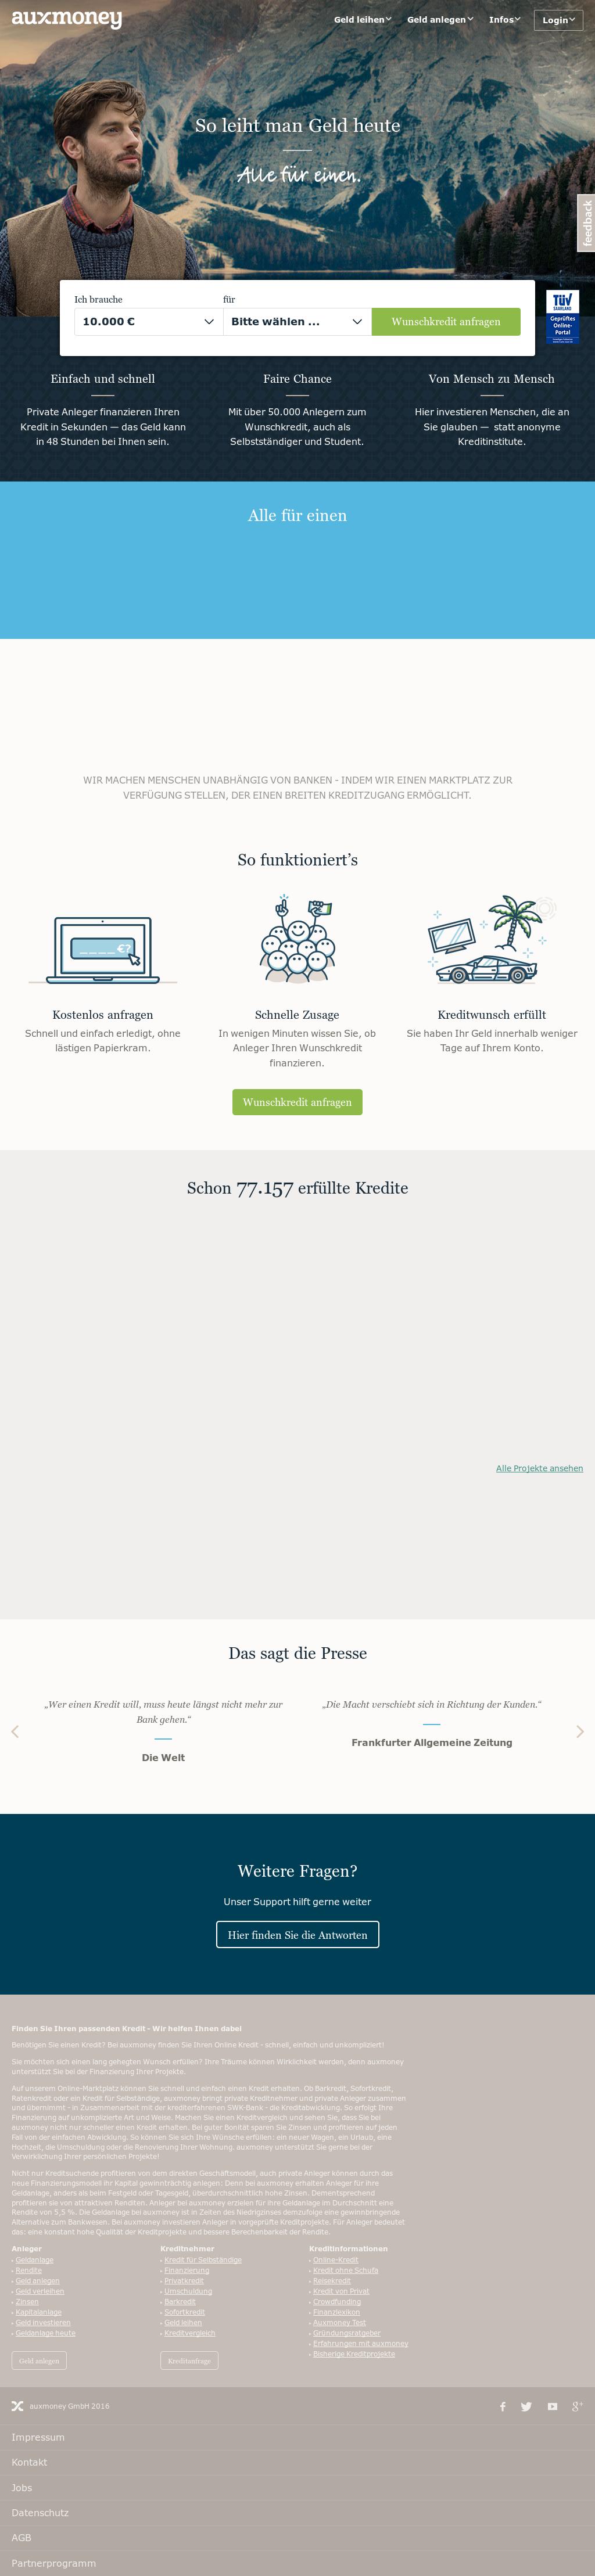 Ausgezeichnet Anatomie De Lenfer Online Sehen Fotos - Anatomie Von ...